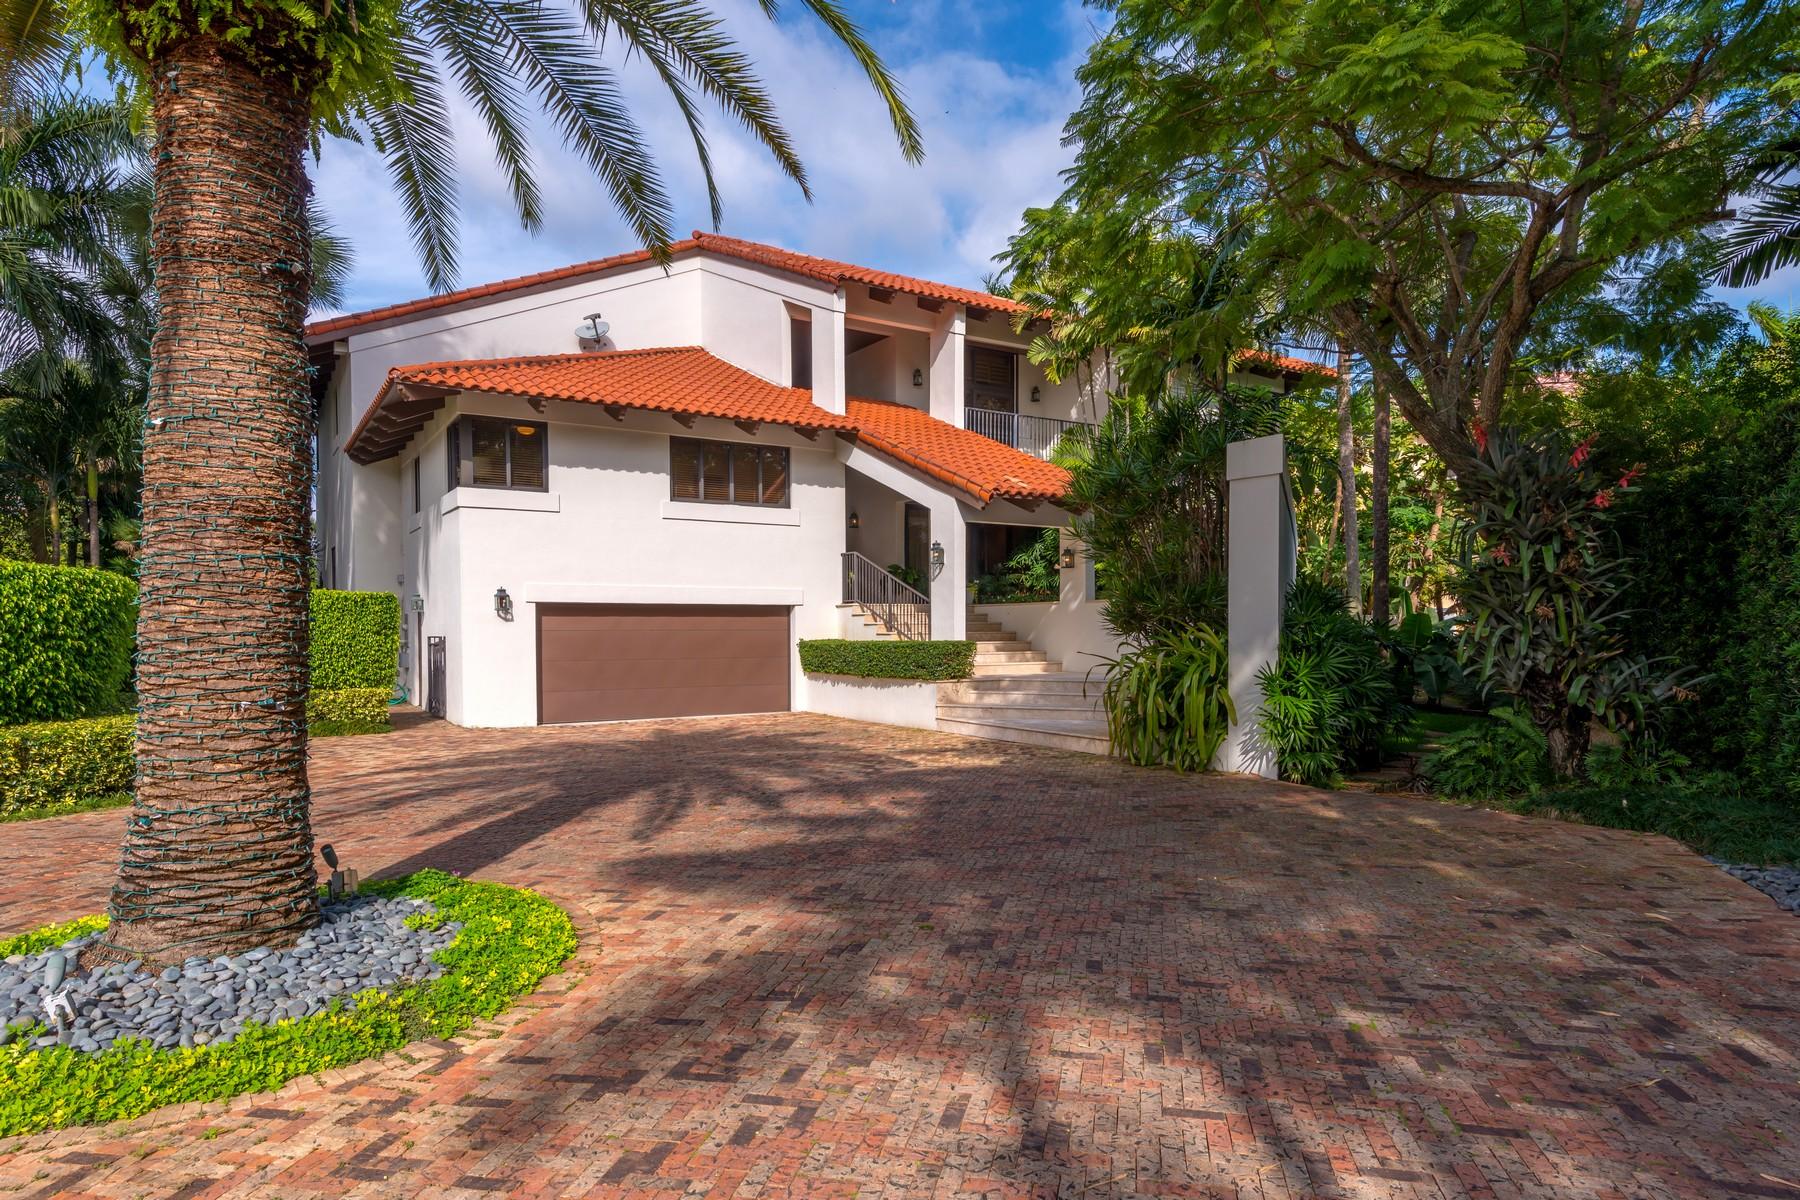 Maison unifamiliale pour l Vente à 6900 Mira Flores Av Coral Gables, Florida 33143 États-Unis